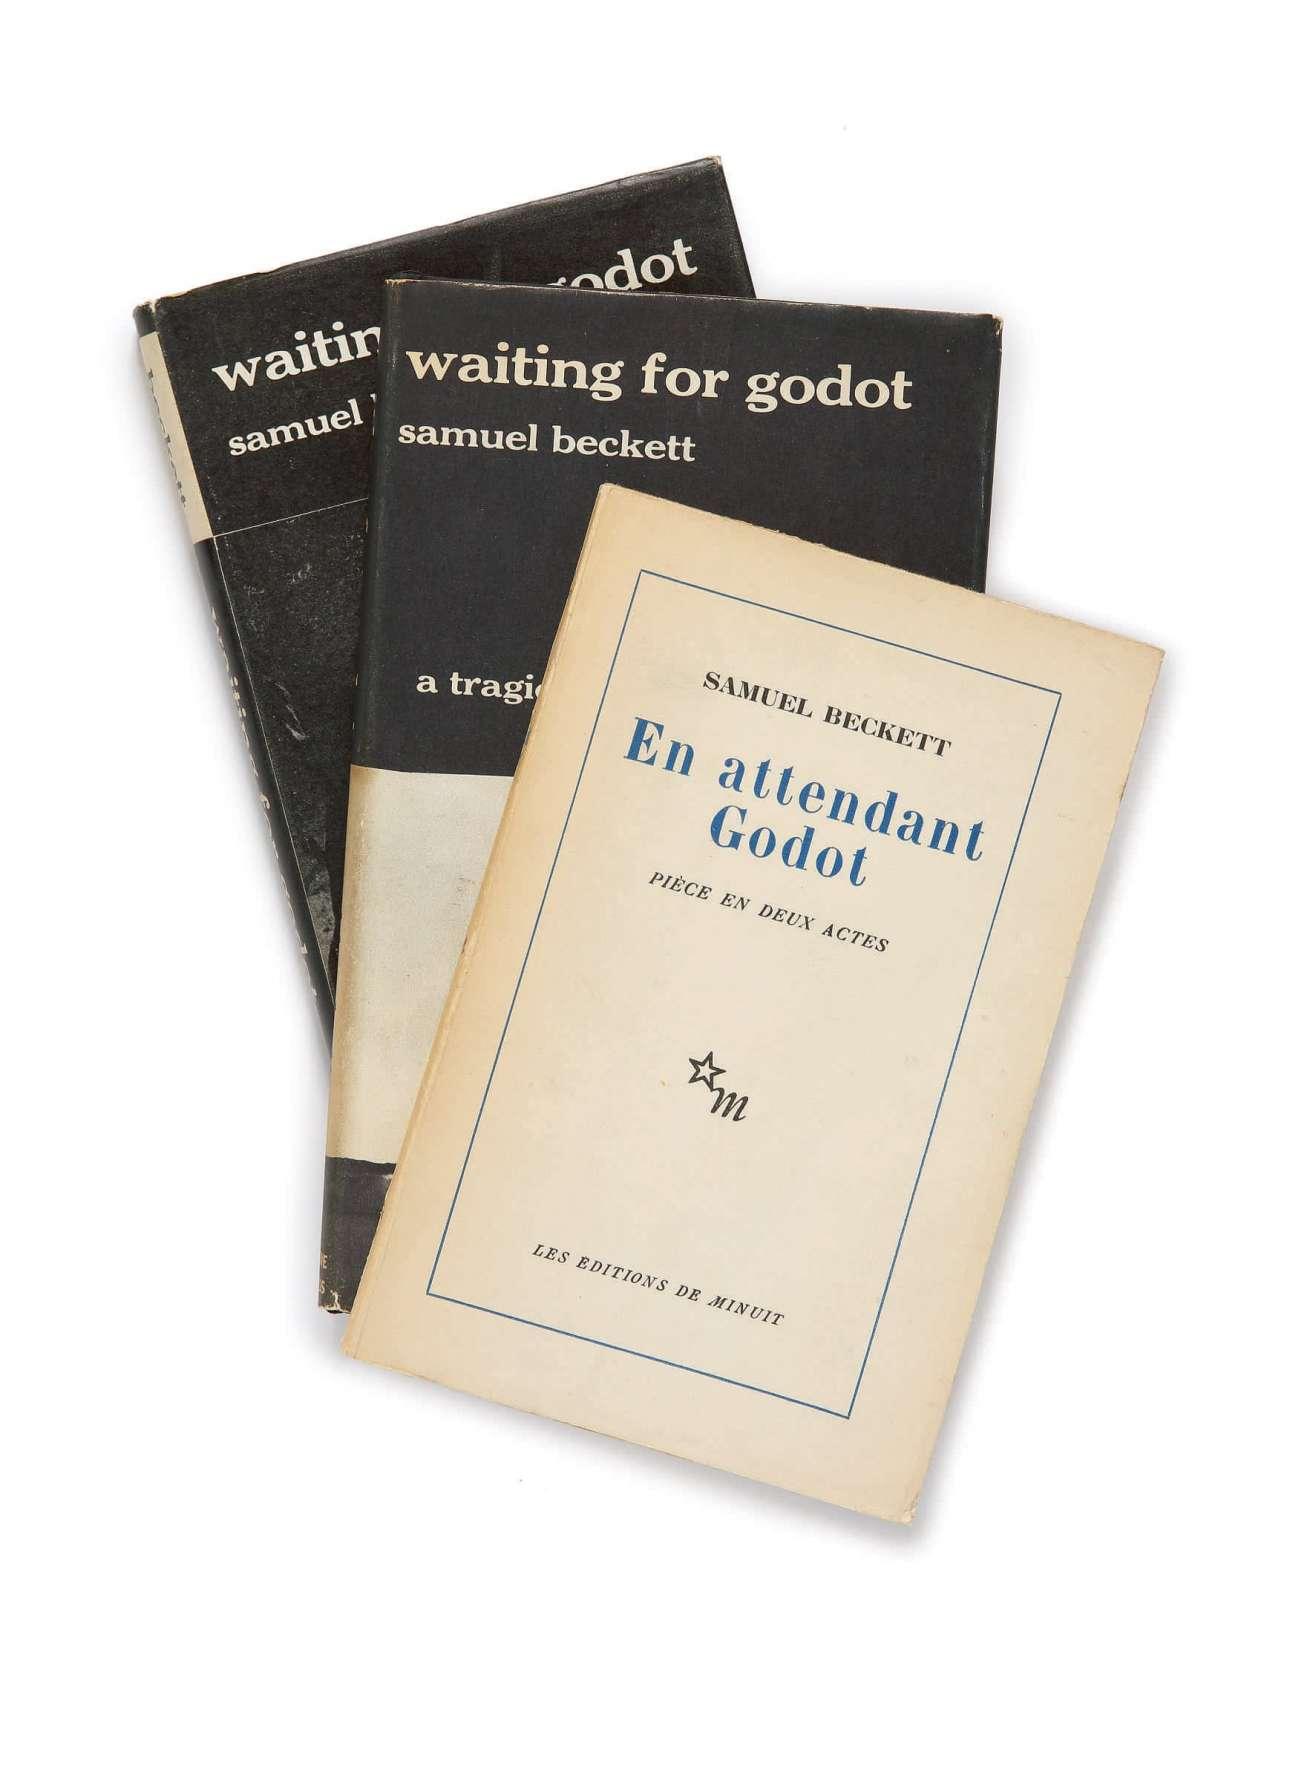 Τρεις πρώτες εκδόσεις του «Περιμένοντας τον Γκοντό». Ο Γουίλιαμς είχε πρωταγωνιστήσει στο θεατρικό έργο μαζί με τον Στιβ Μάρτιν και τον Φ. Μάρεϊ Εϊµπραχαµ